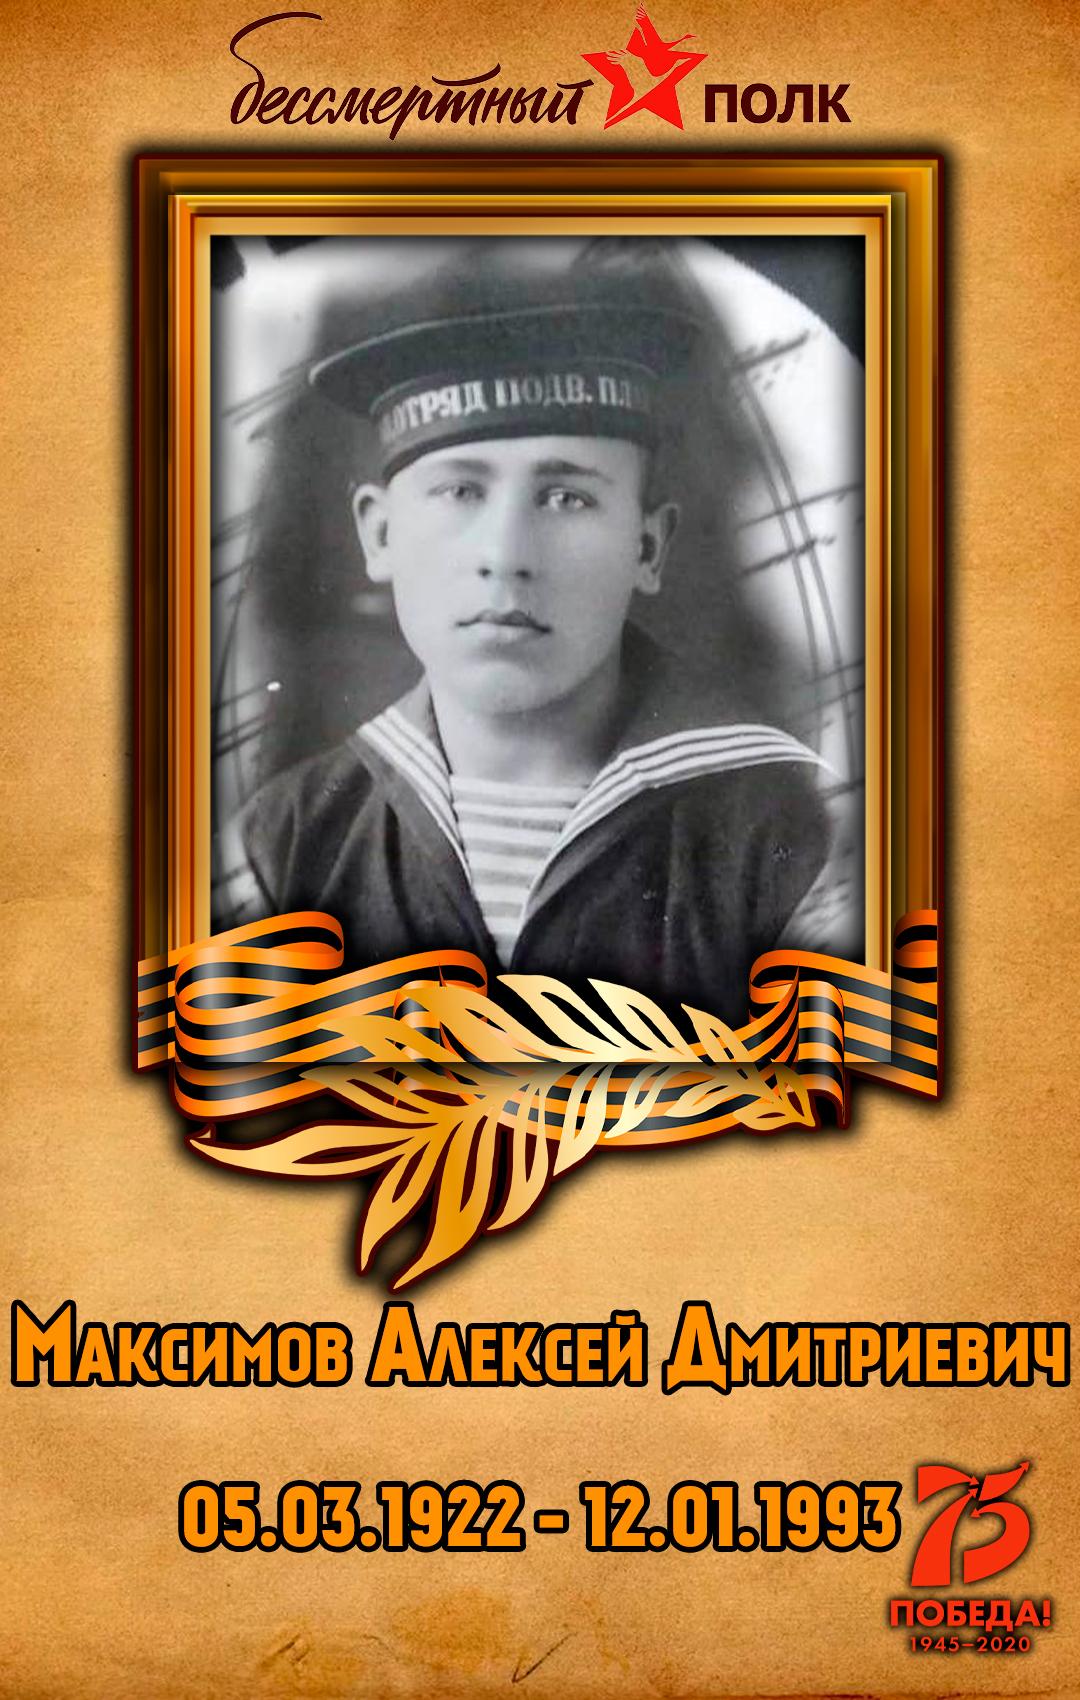 Максимов-Алексей-Дмитриевич